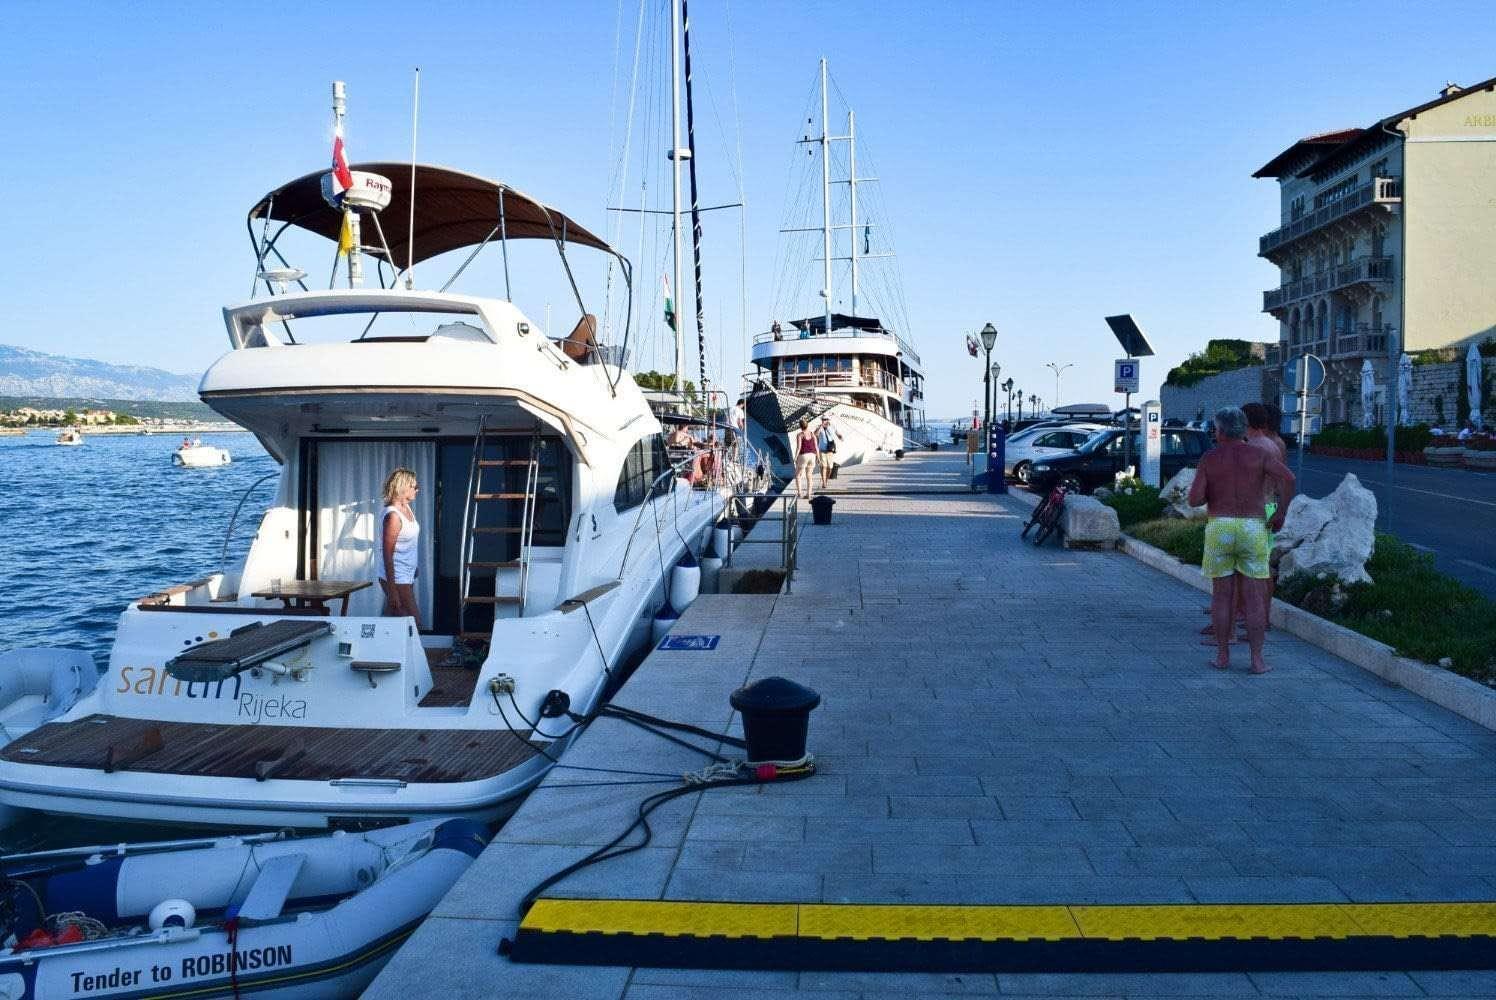 croatian coast destinations